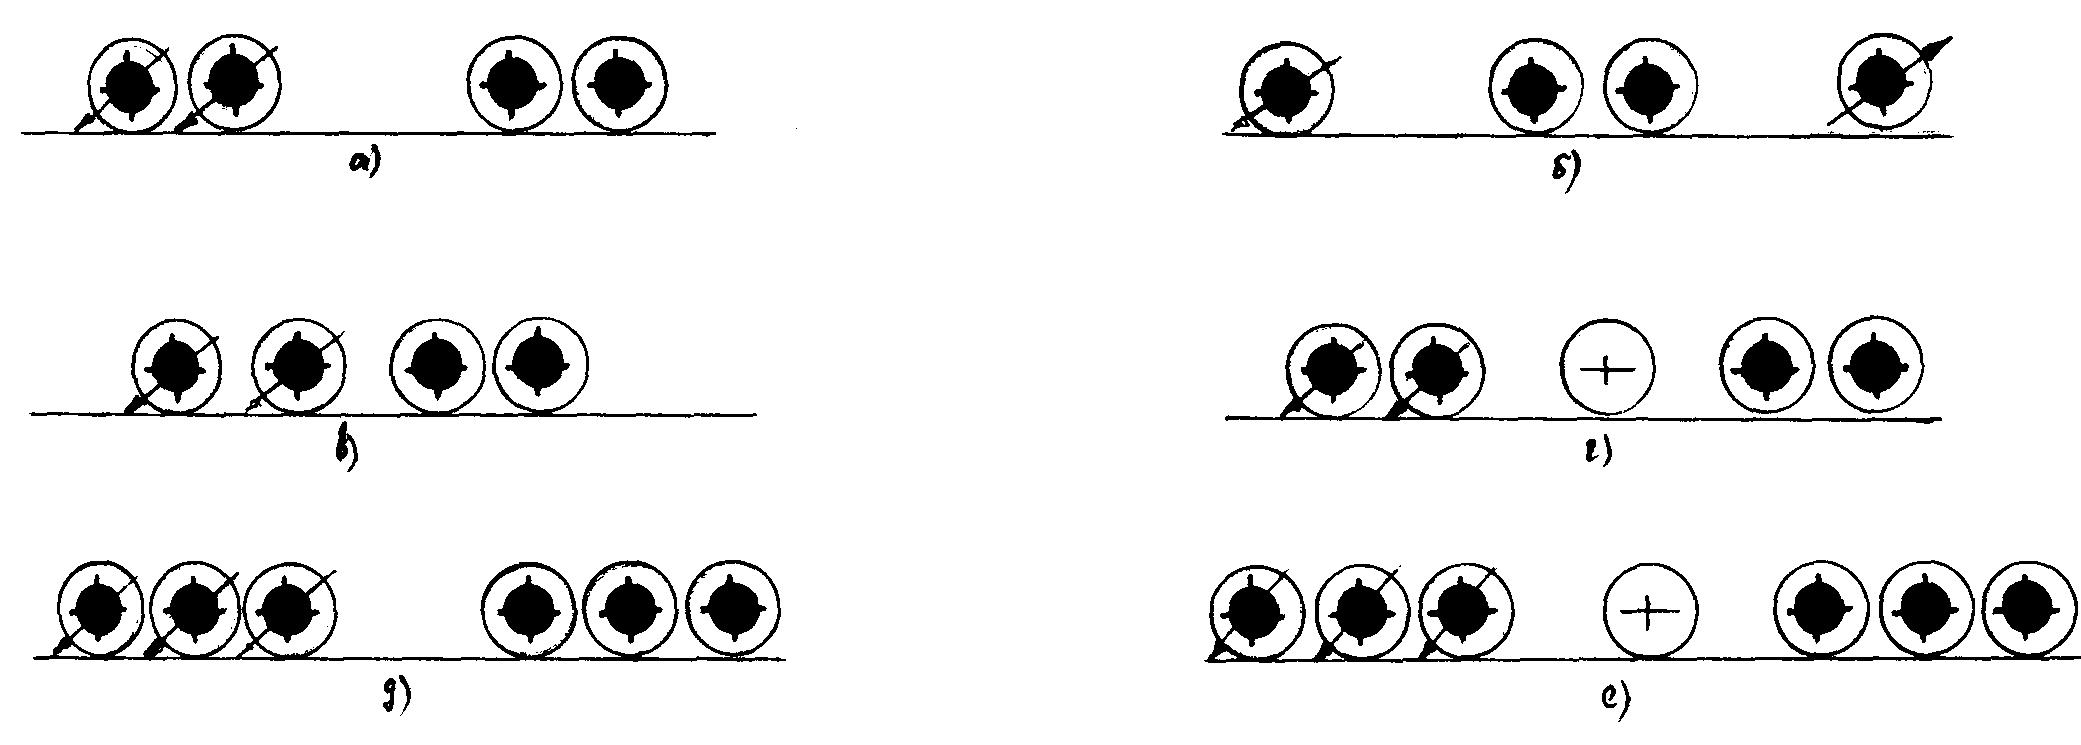 Схема расположения осей автомобилей с четырьмя и более осями